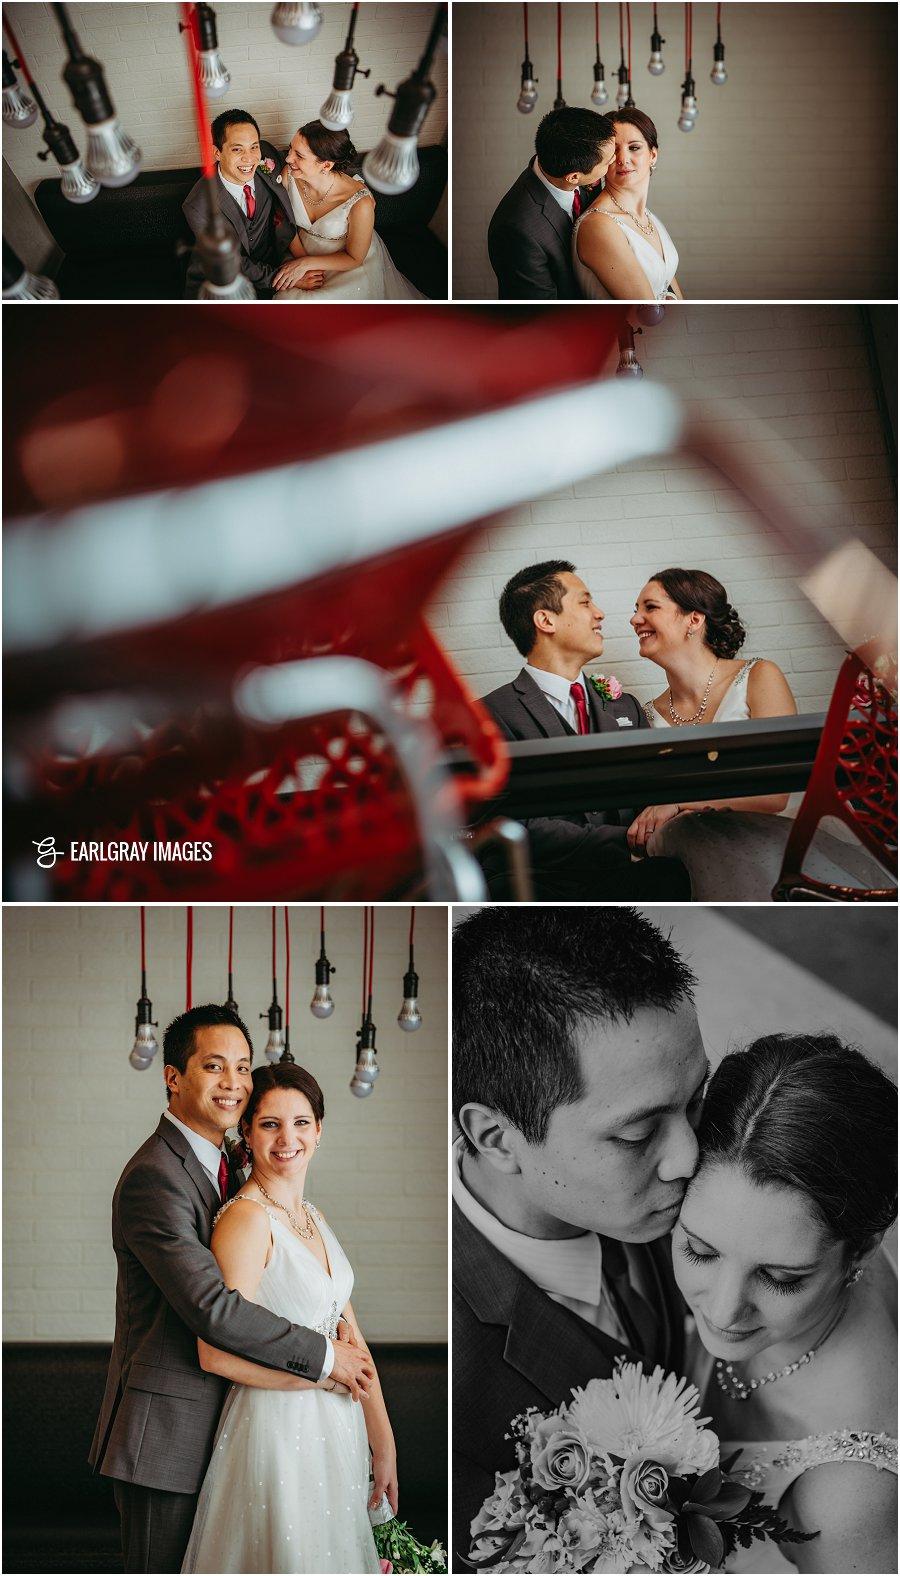 Nait wedding photos, March Edmonton Wedding, Royal Executive Inn wedding, Castledowns baptist wedding, snowy winter Edmonton wedding, classic wedding